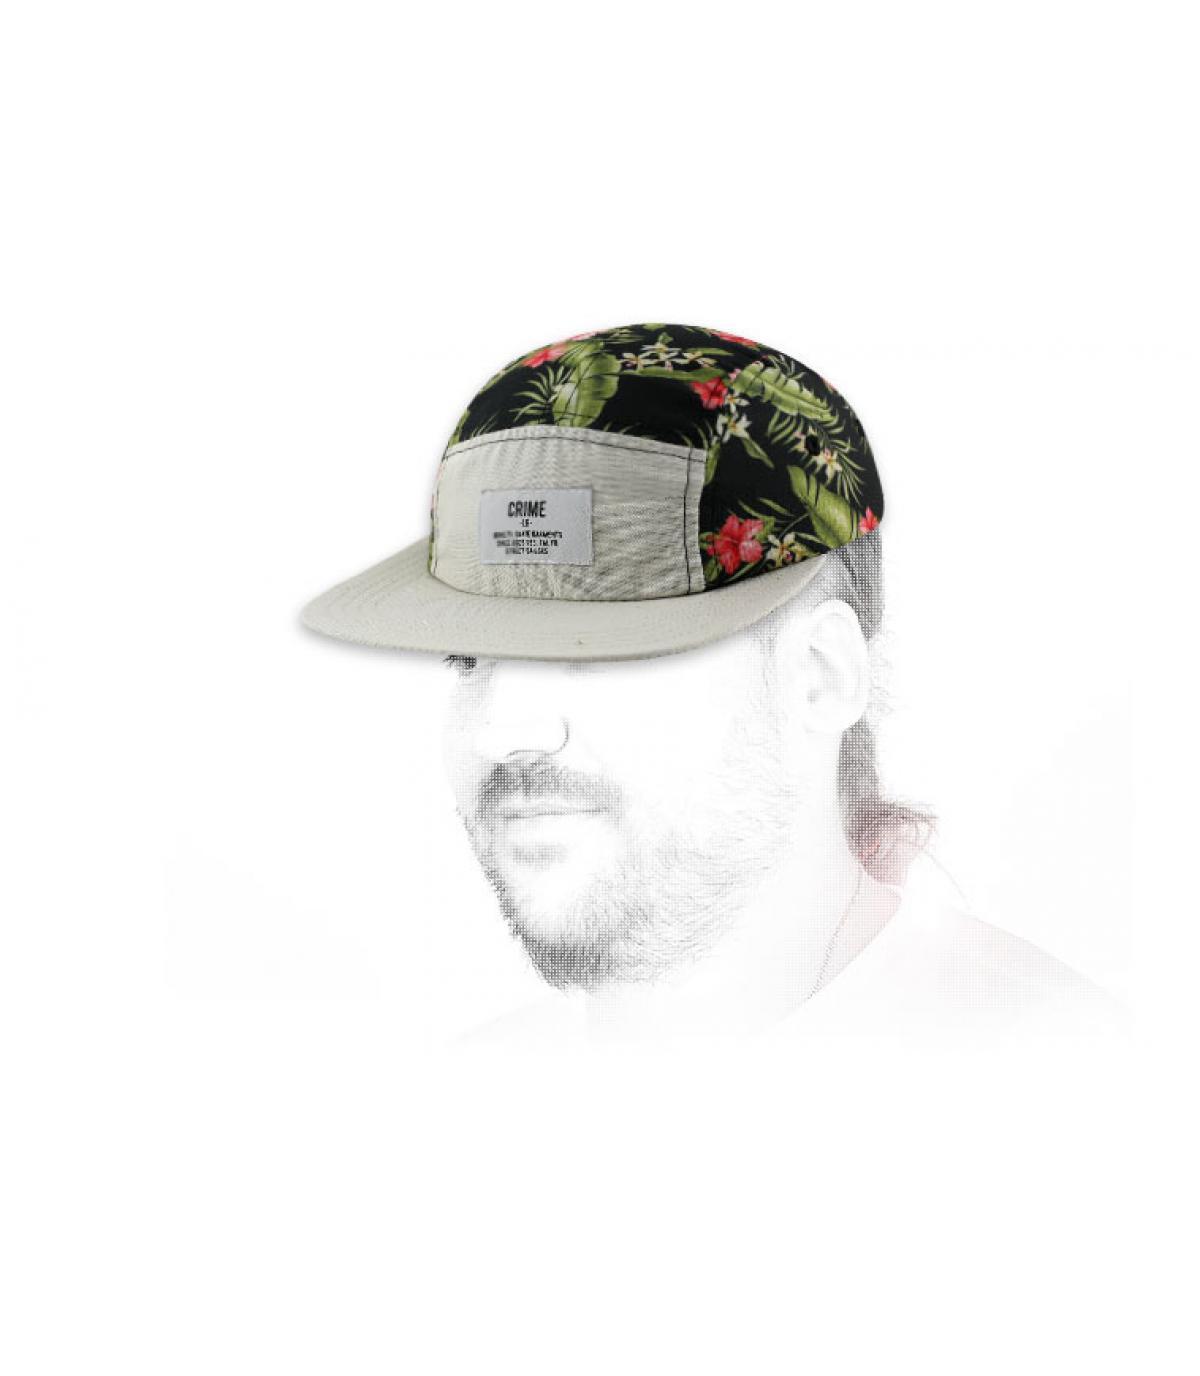 Cappellino Crime floreale